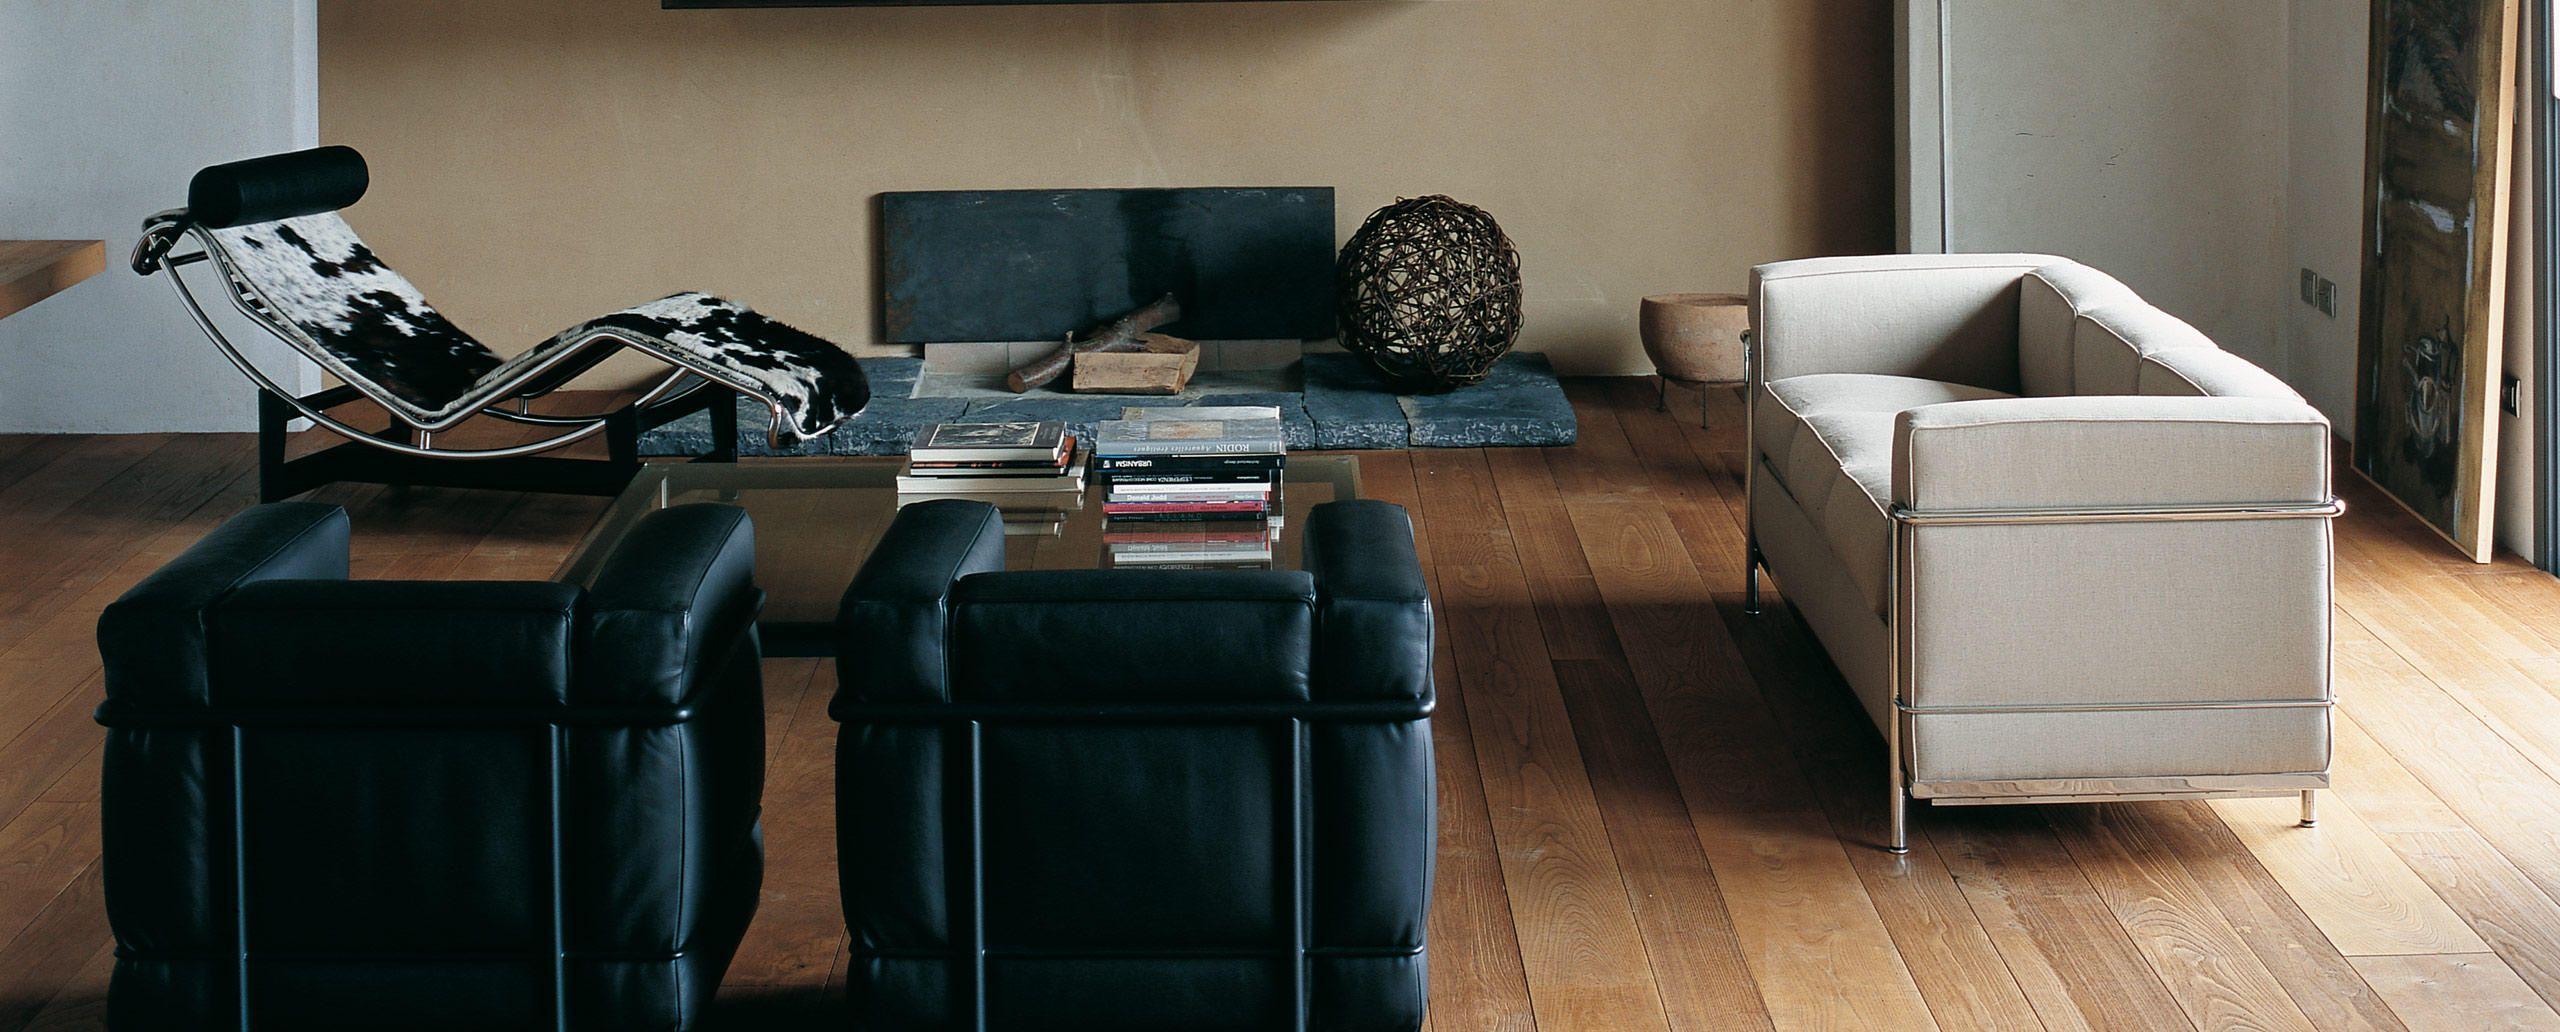 42d244f43c589c93511ca561186b323e Incroyable De Table Basse Le Corbusier Concept